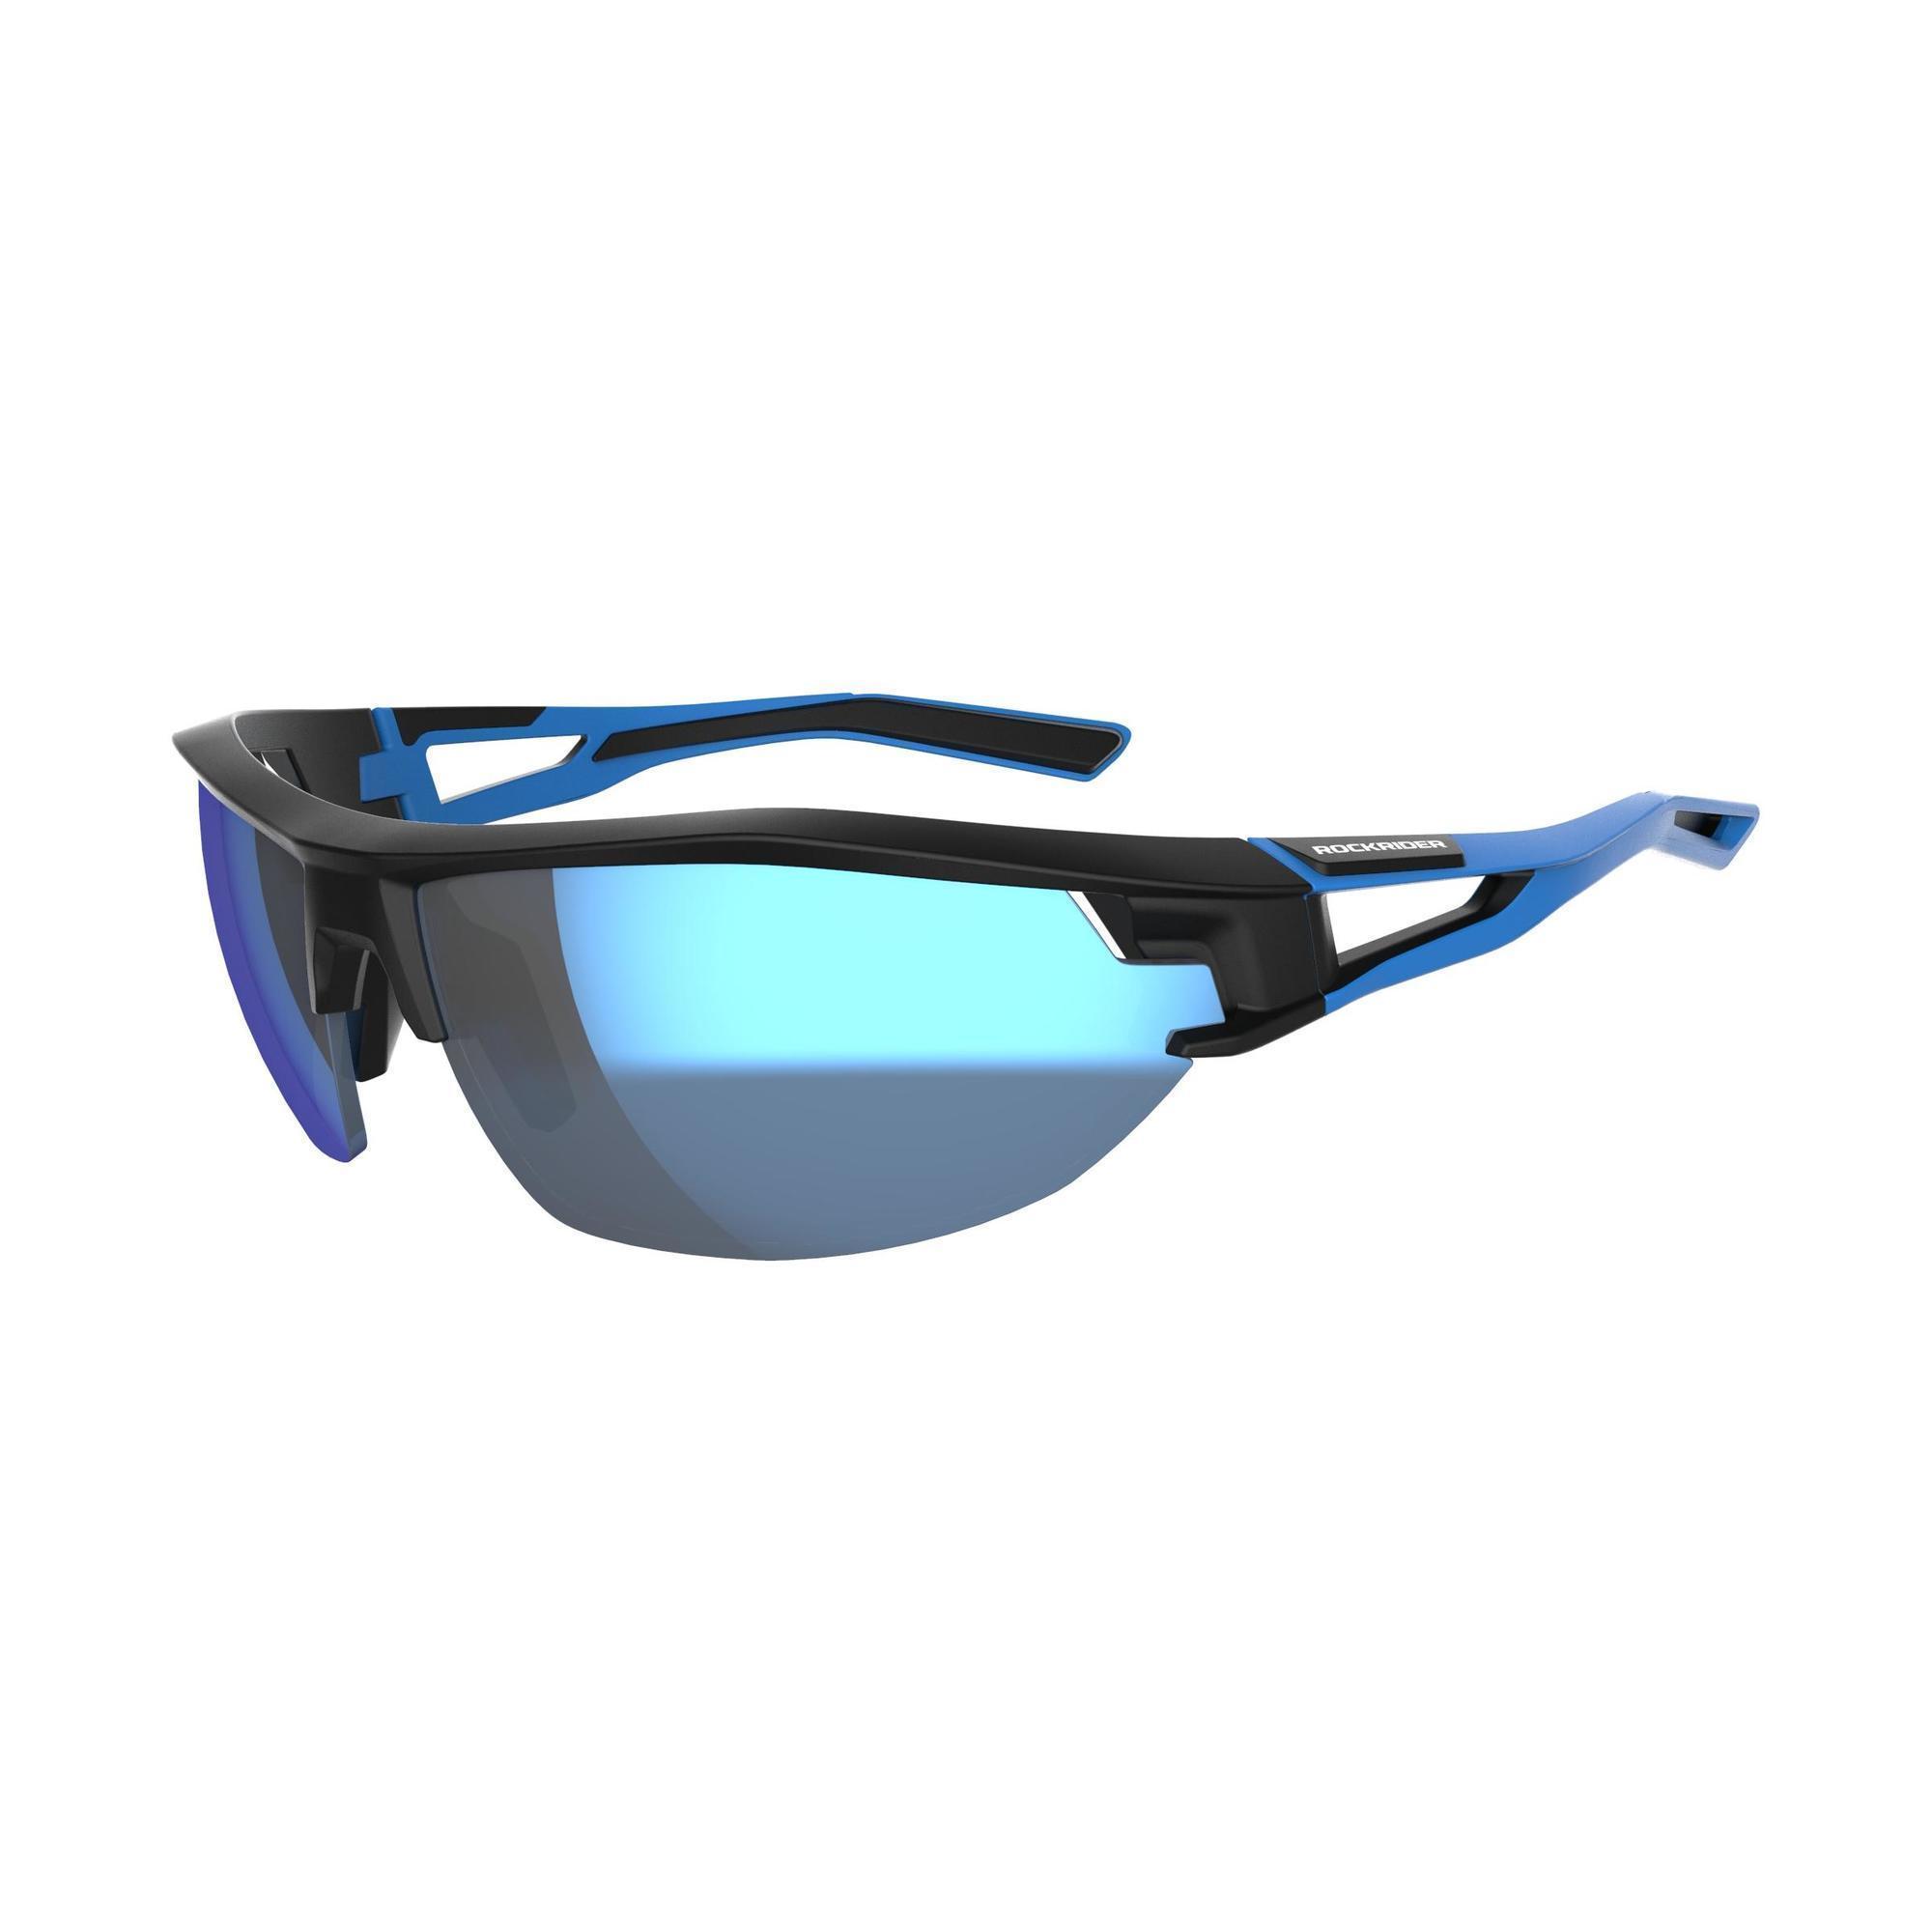 86738f03ed0efa Rockrider Fietsbril volwassenen Cycling 700 Red Pack 4 verwisselbare glazen